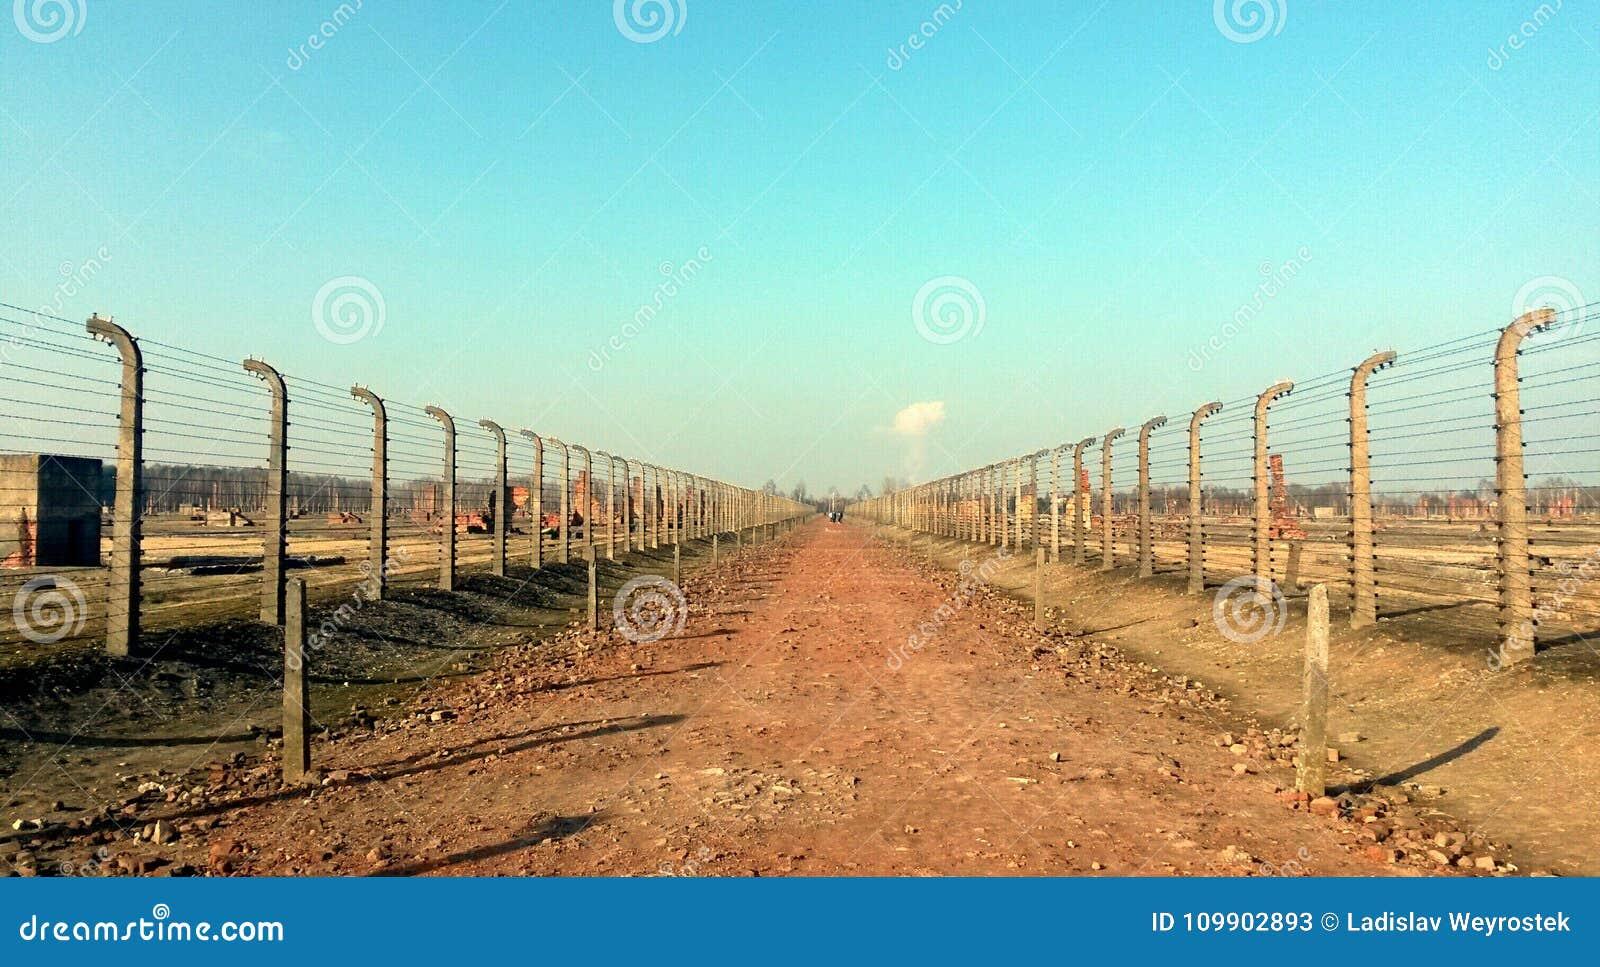 Försett med en hulling - trådkoncentrationsläger Auschwitz Birkenau